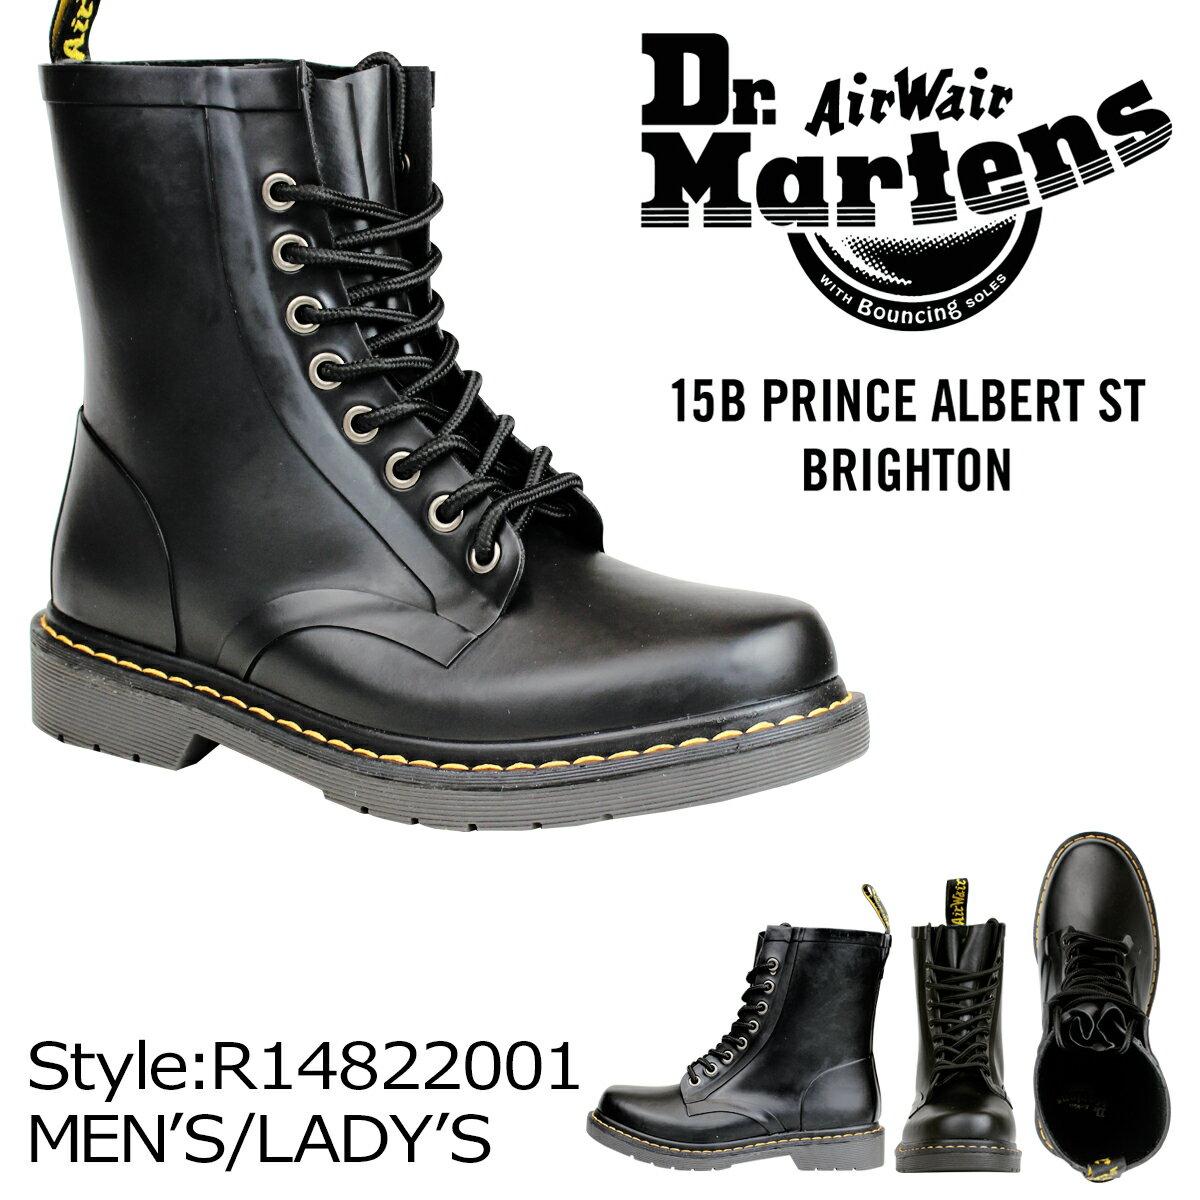 ドクターマーチン 8ホール メンズ レディース Dr.Martens ブーツ DRENCH 8EYE BOOT R14822001